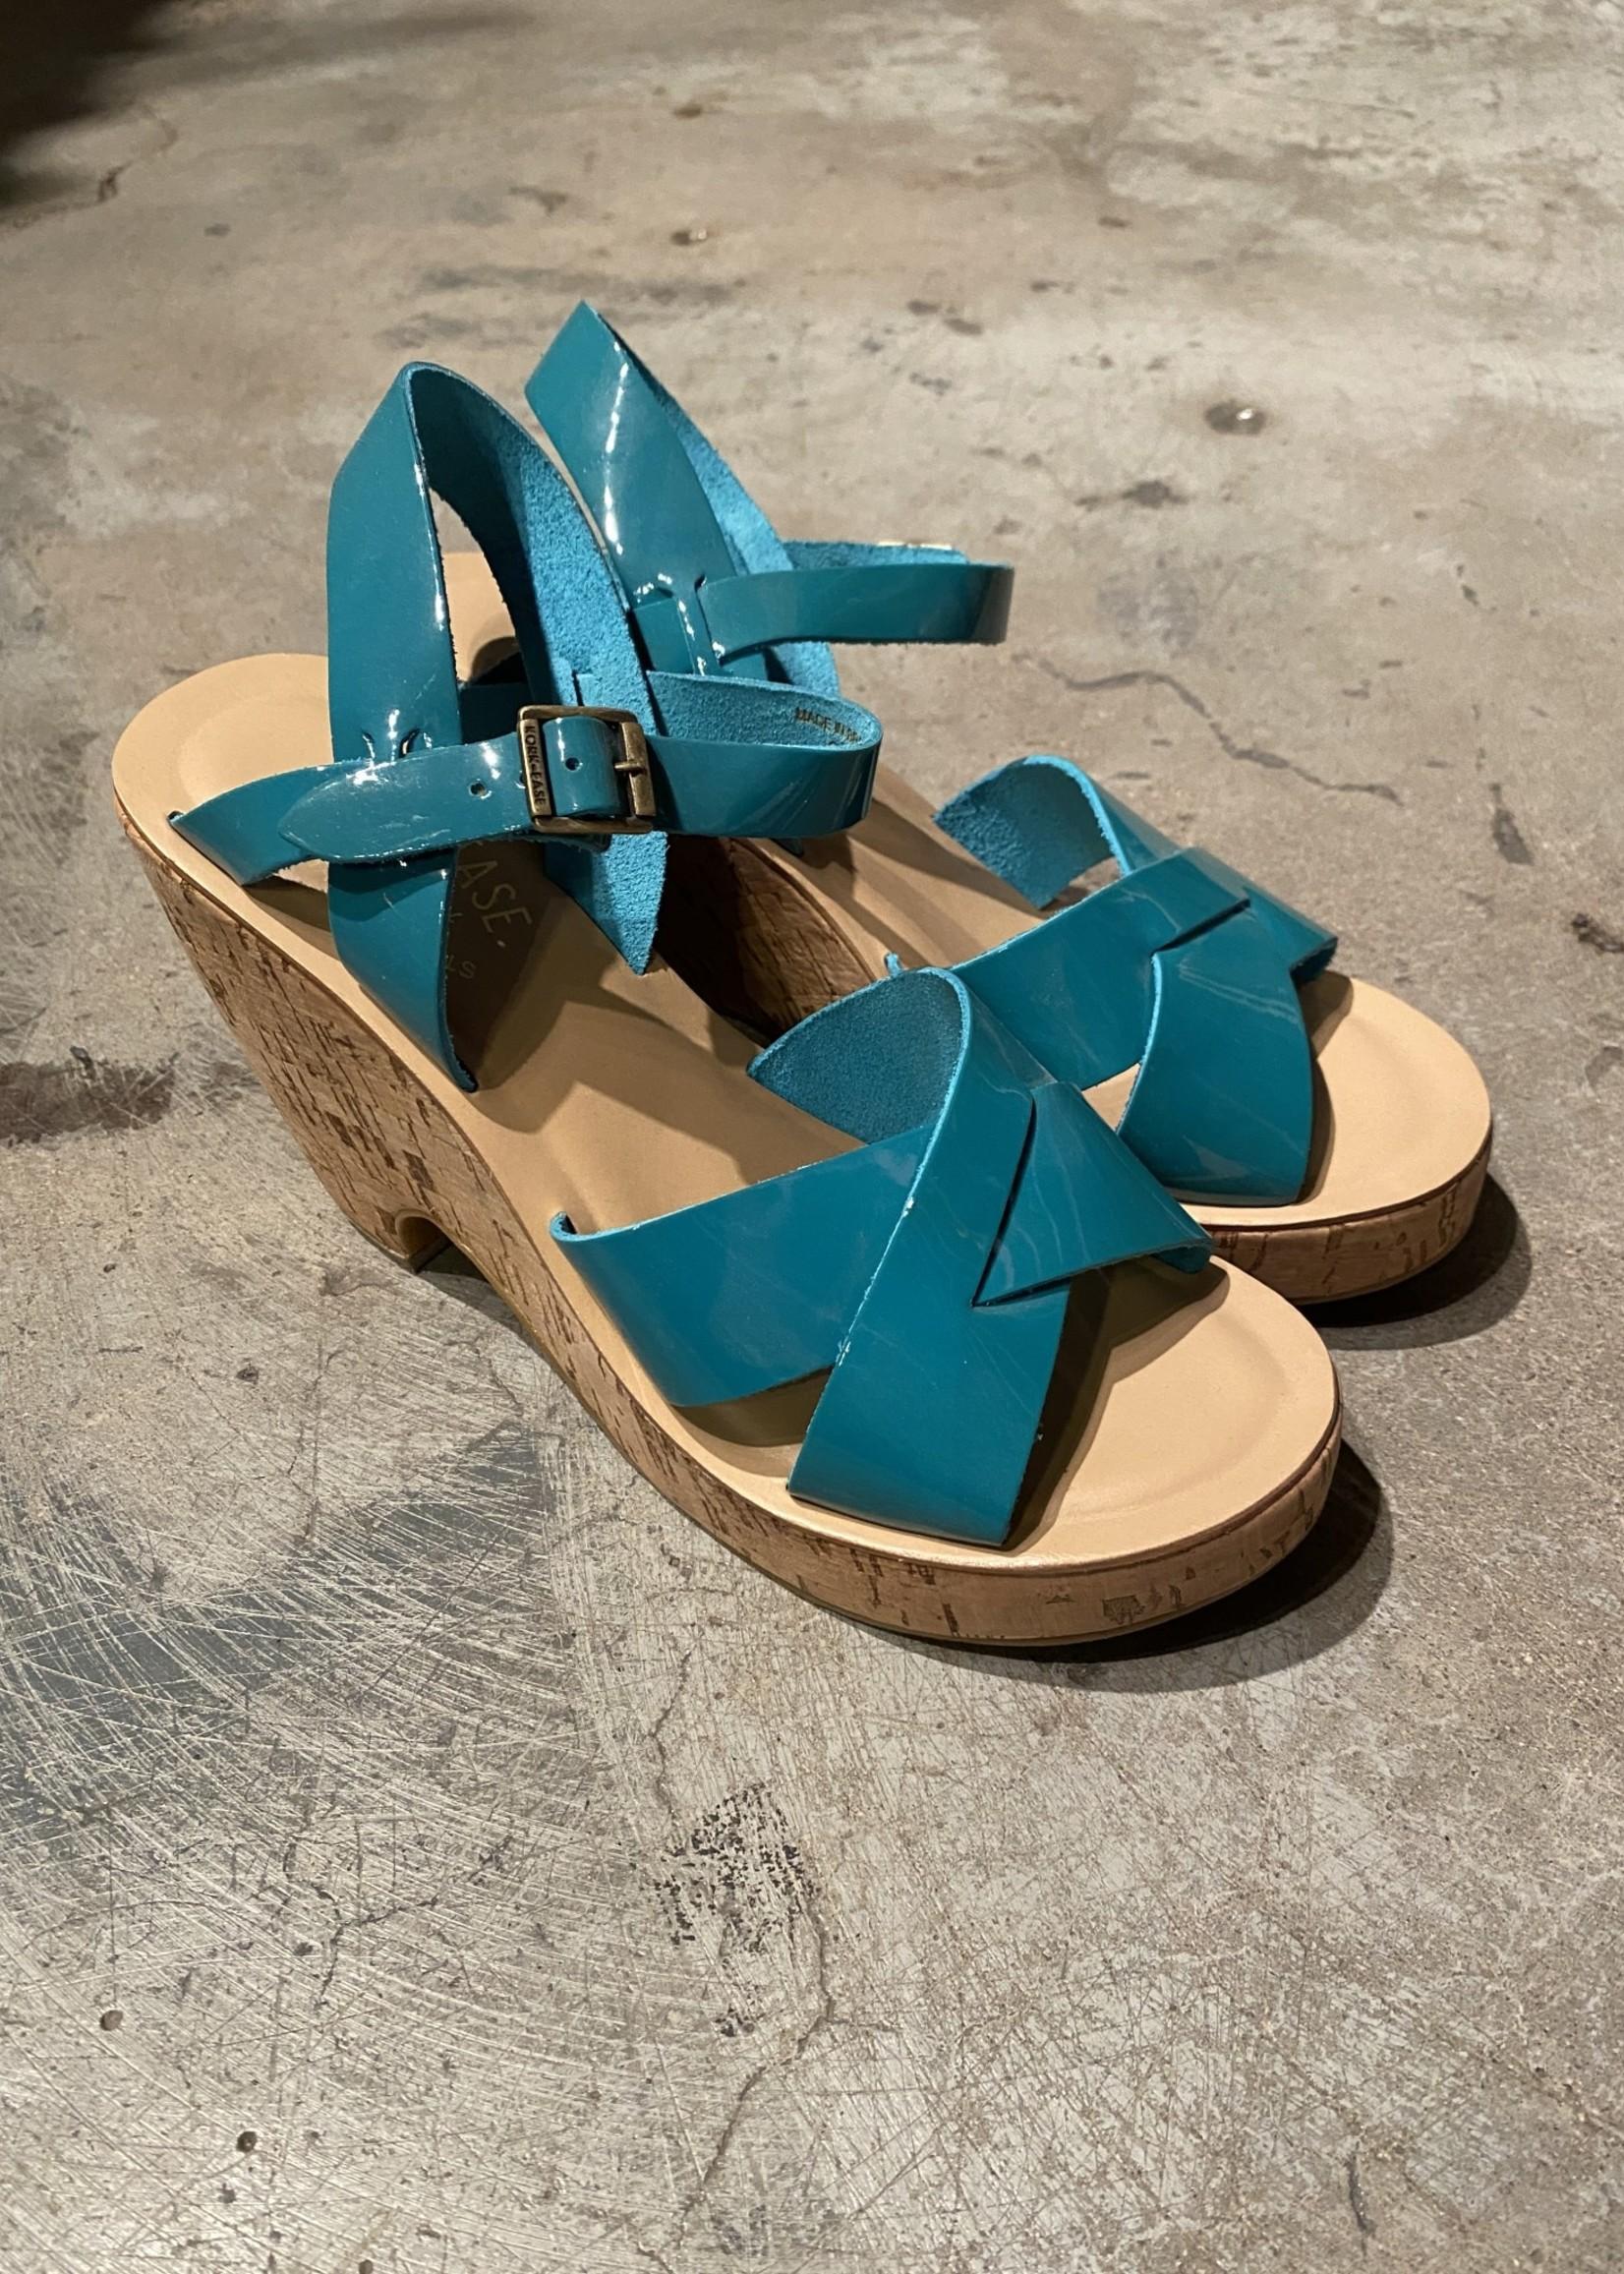 Kork-Ease Teal Cork Heeled Sandals 8